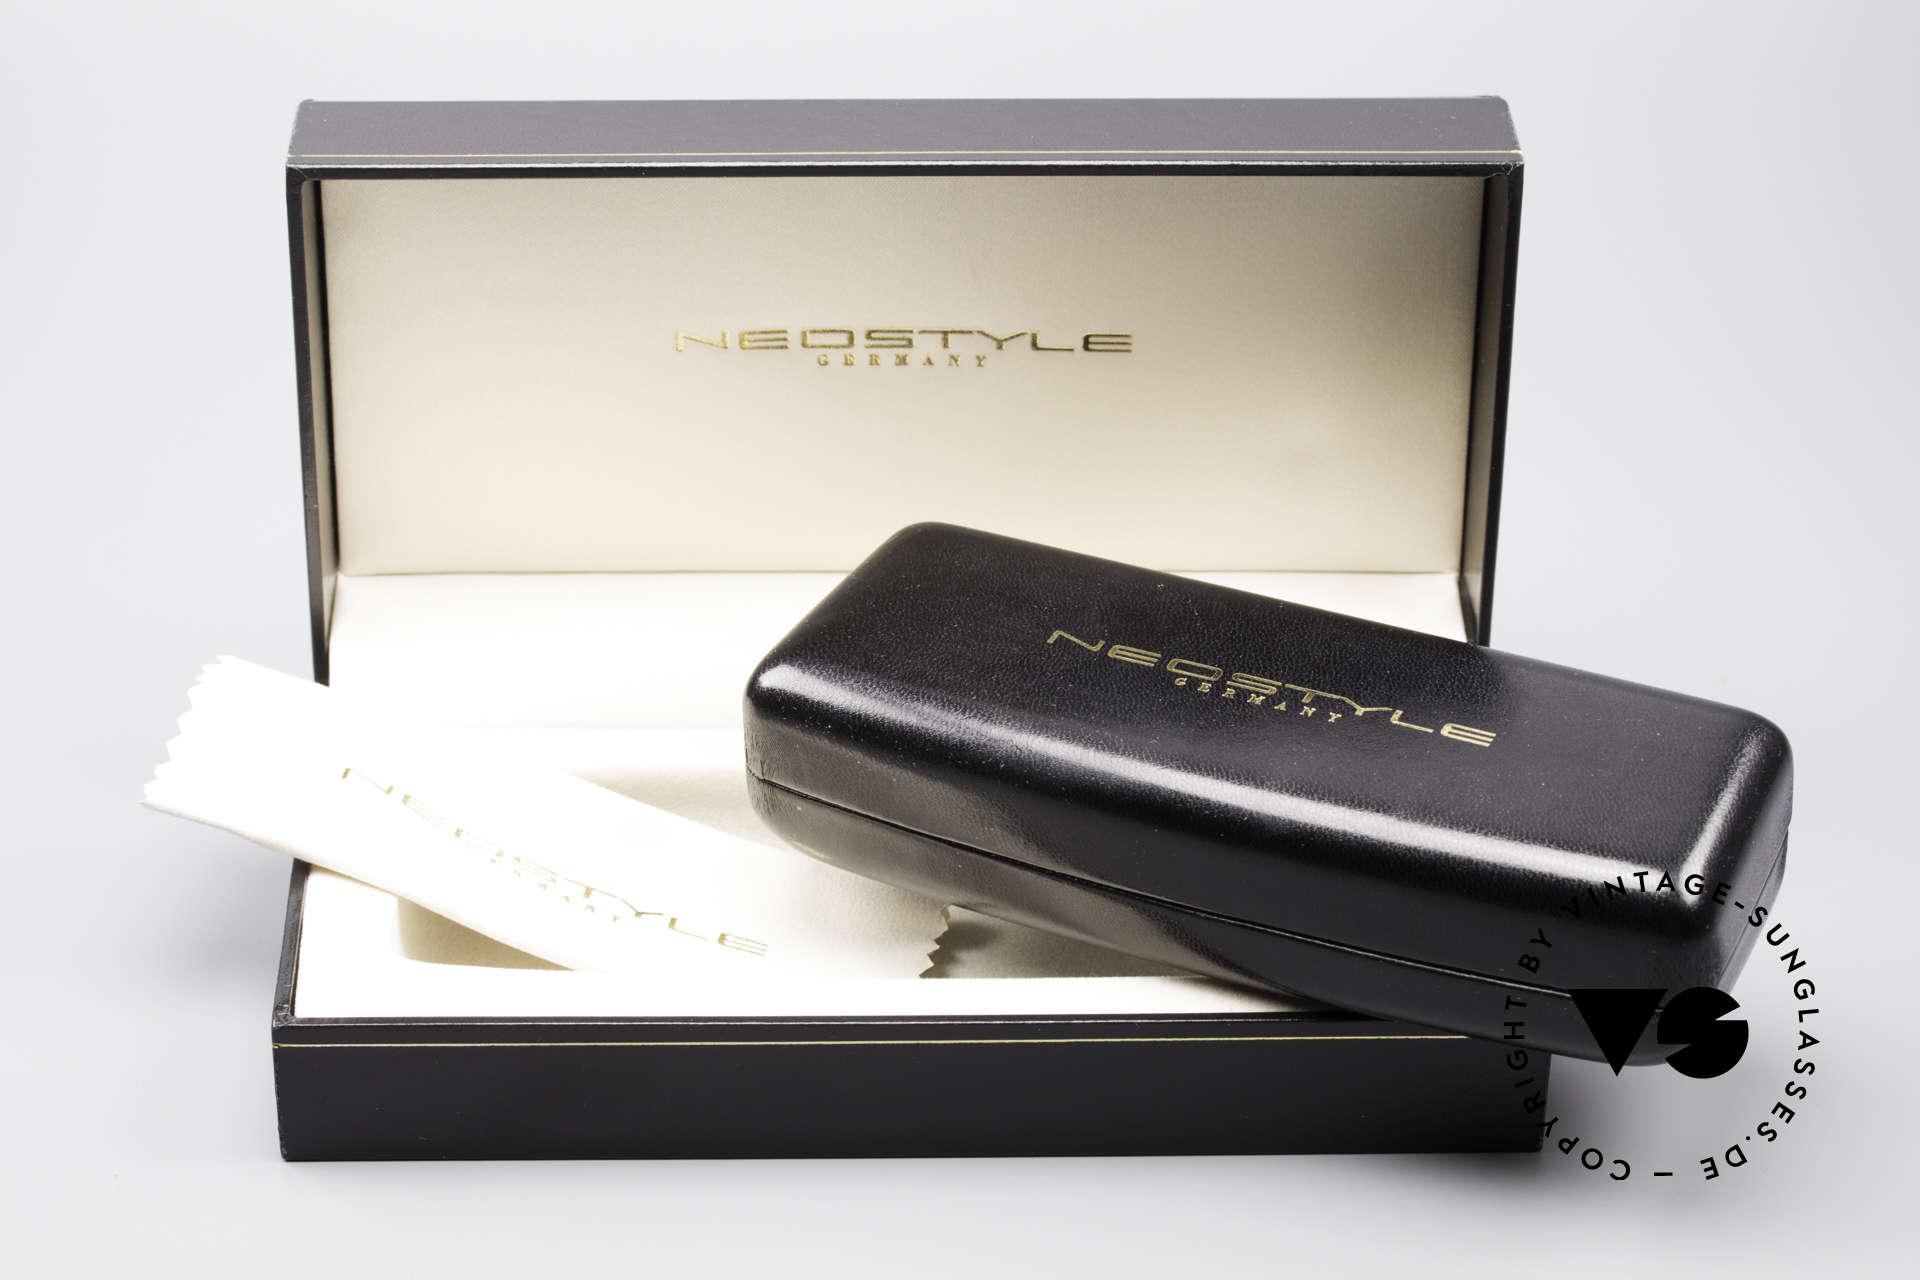 Neostyle Office 10 Echte Gold Doublé Fassung, Größe: medium, Passend für Herren